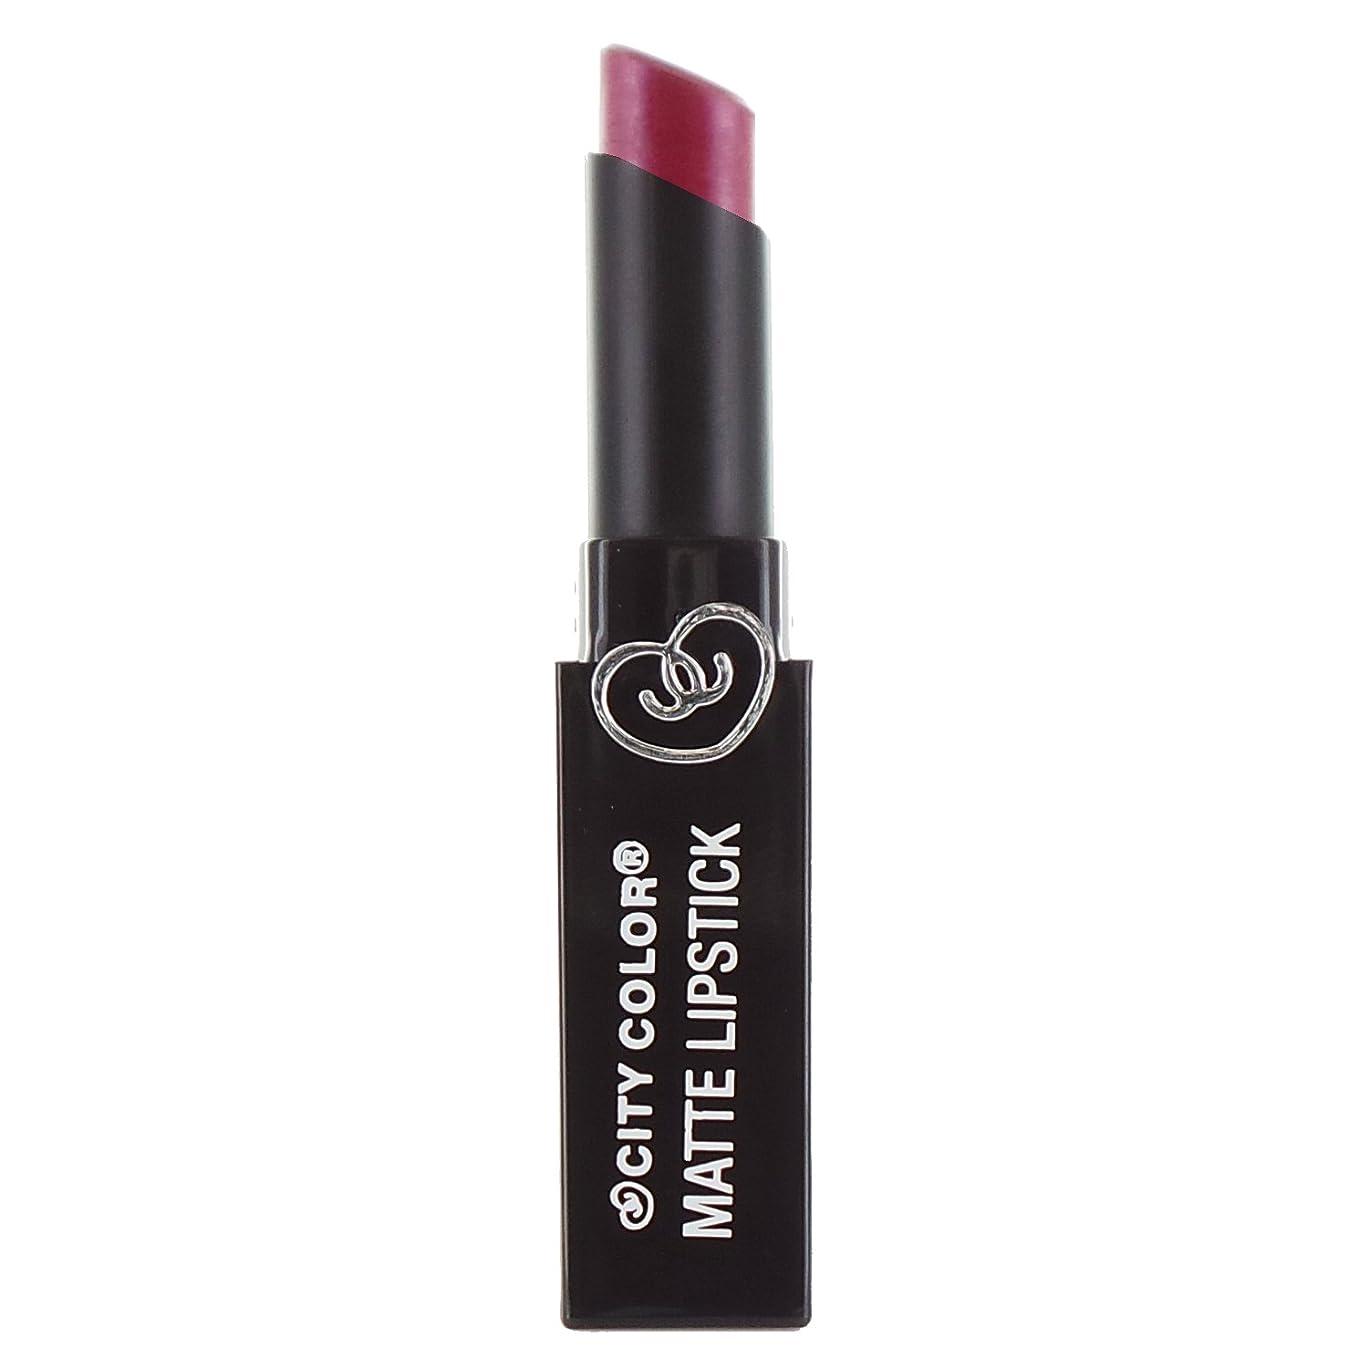 衝突スペイン亜熱帯(3 Pack) CITY COLOR Matte Lipstick L0050 - Bright Red (並行輸入品)